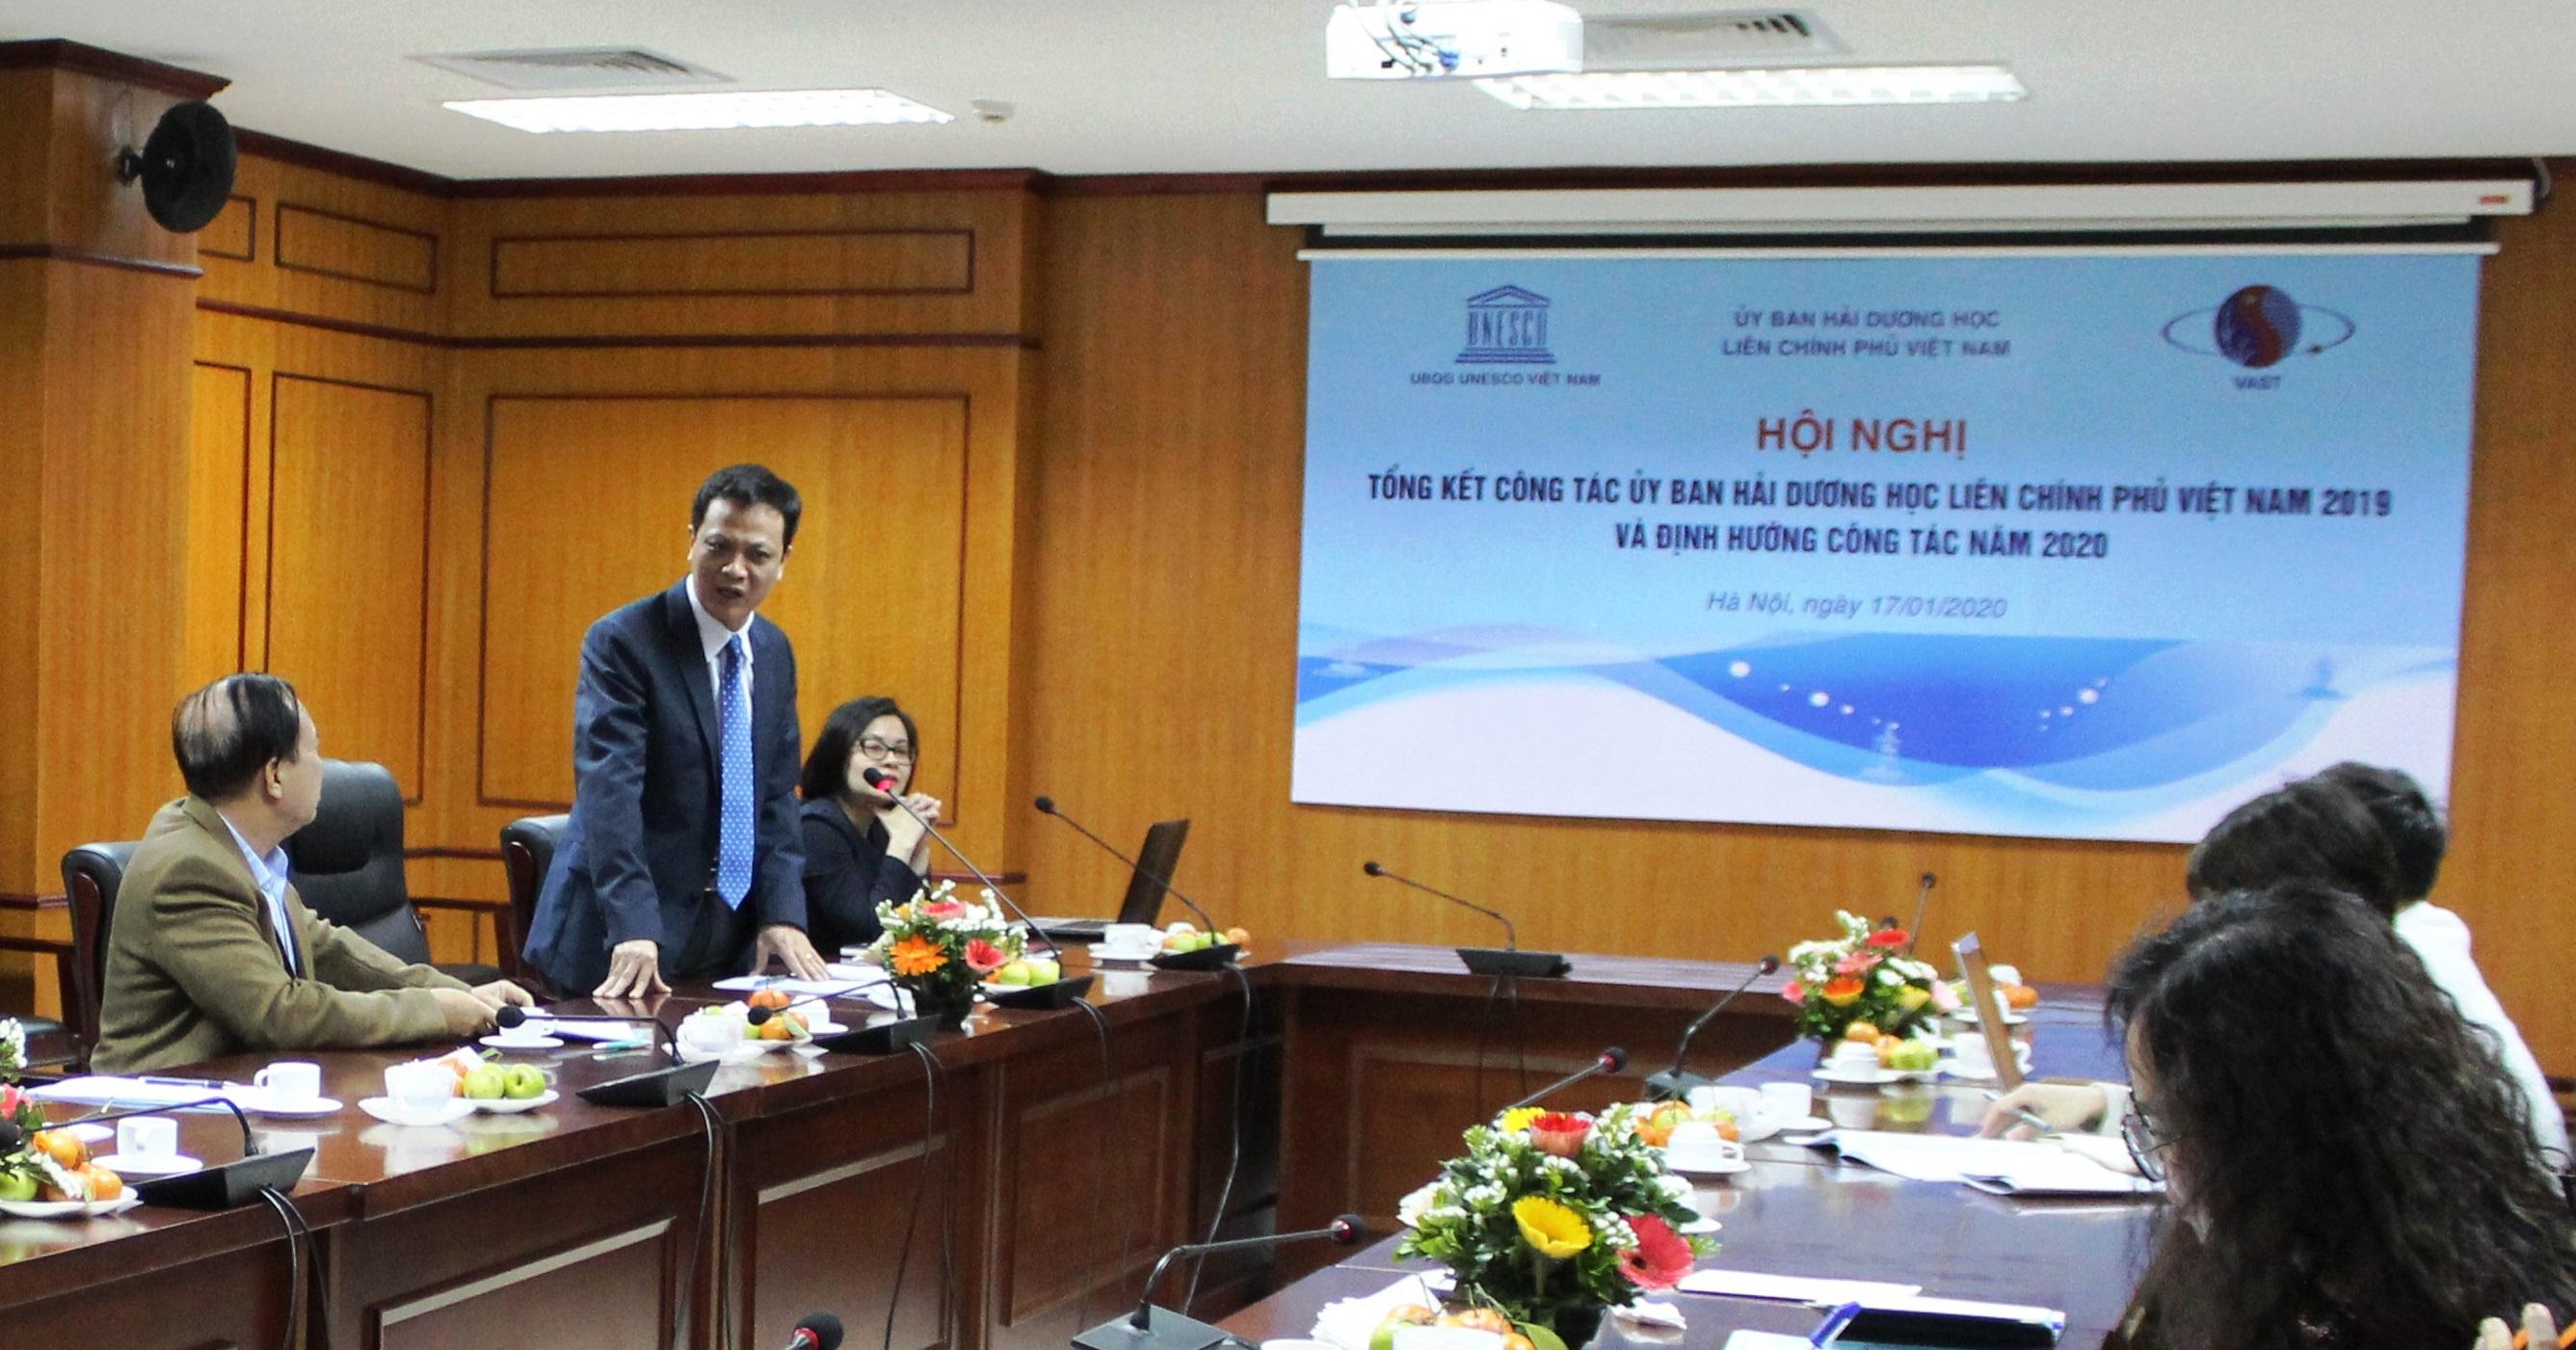 Ủy ban Hải dương học Liên chính phủ Việt Nam họp tổng kết hoạt động năm 2019, thảo luận phương hướng nhiệm vụ năm 2020